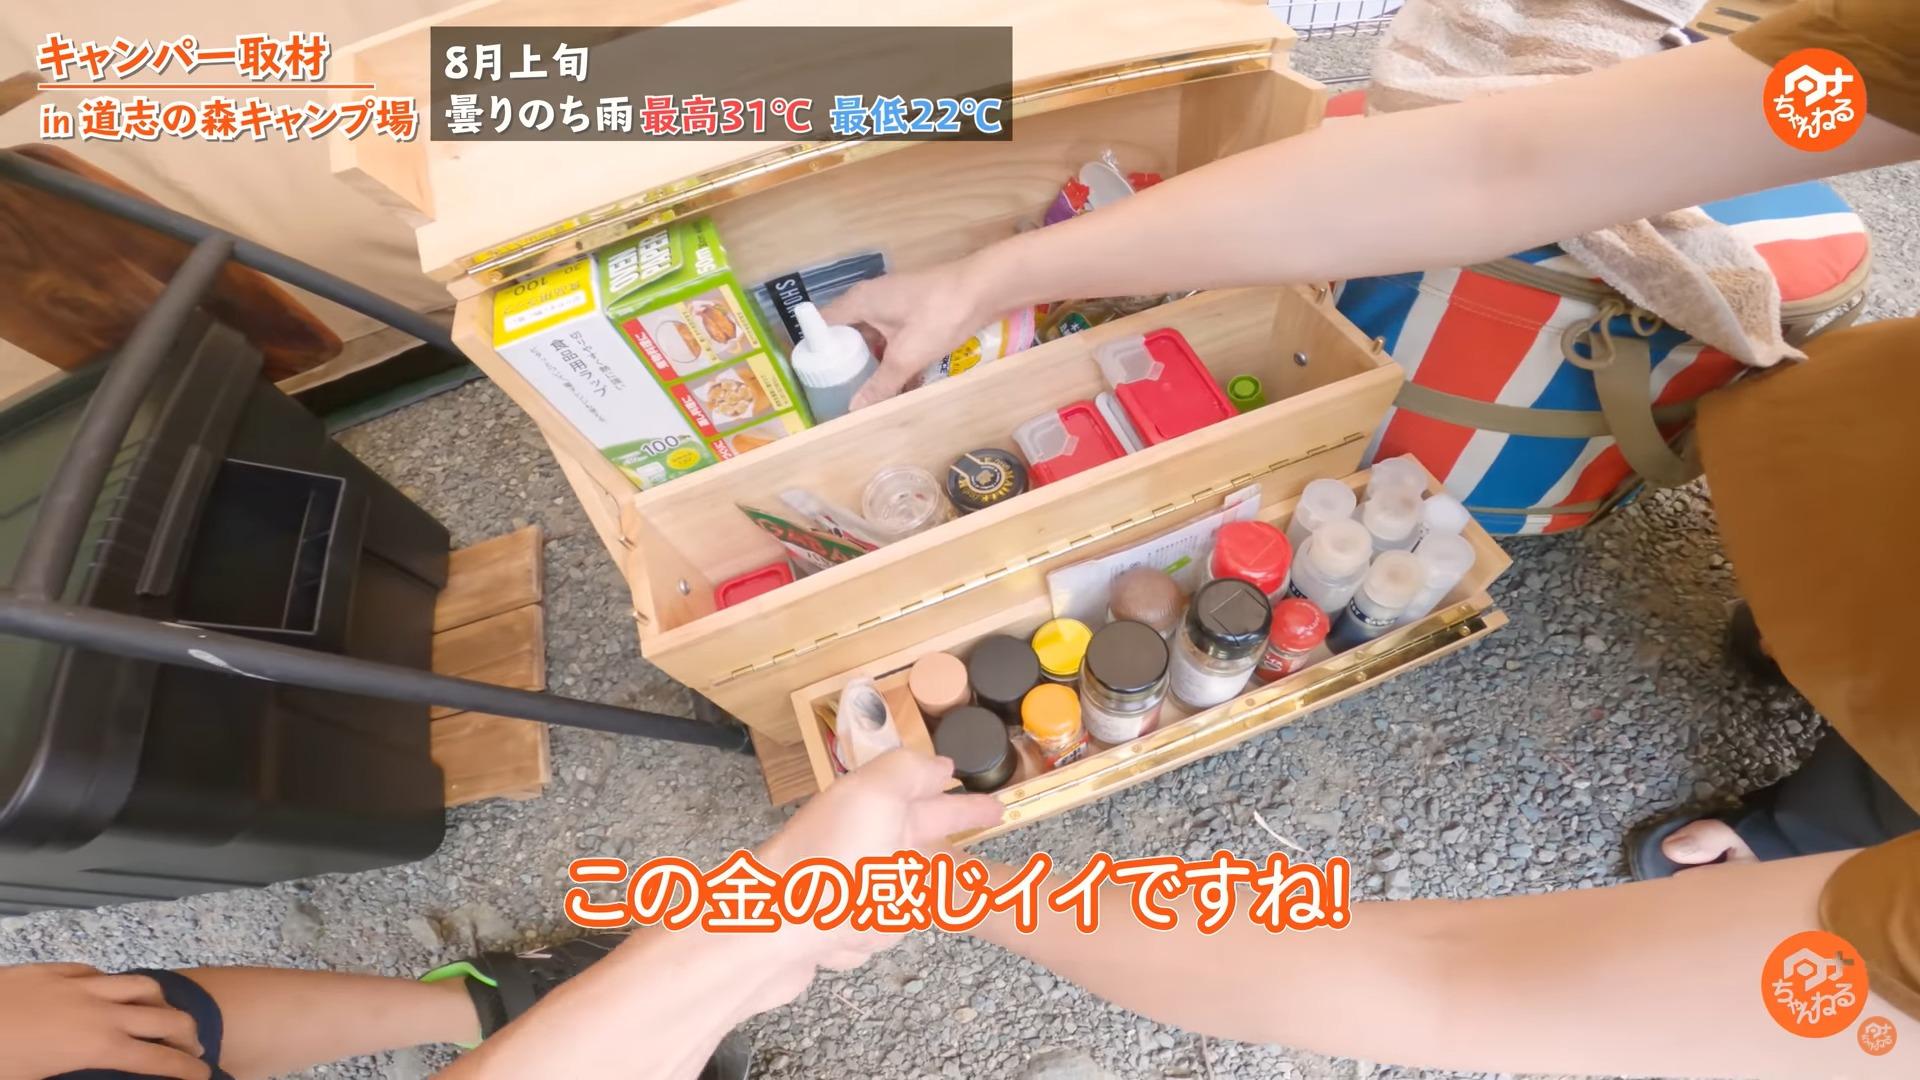 ボックス:【テンマクデザイン】 ワーカーズオカモチⅡ